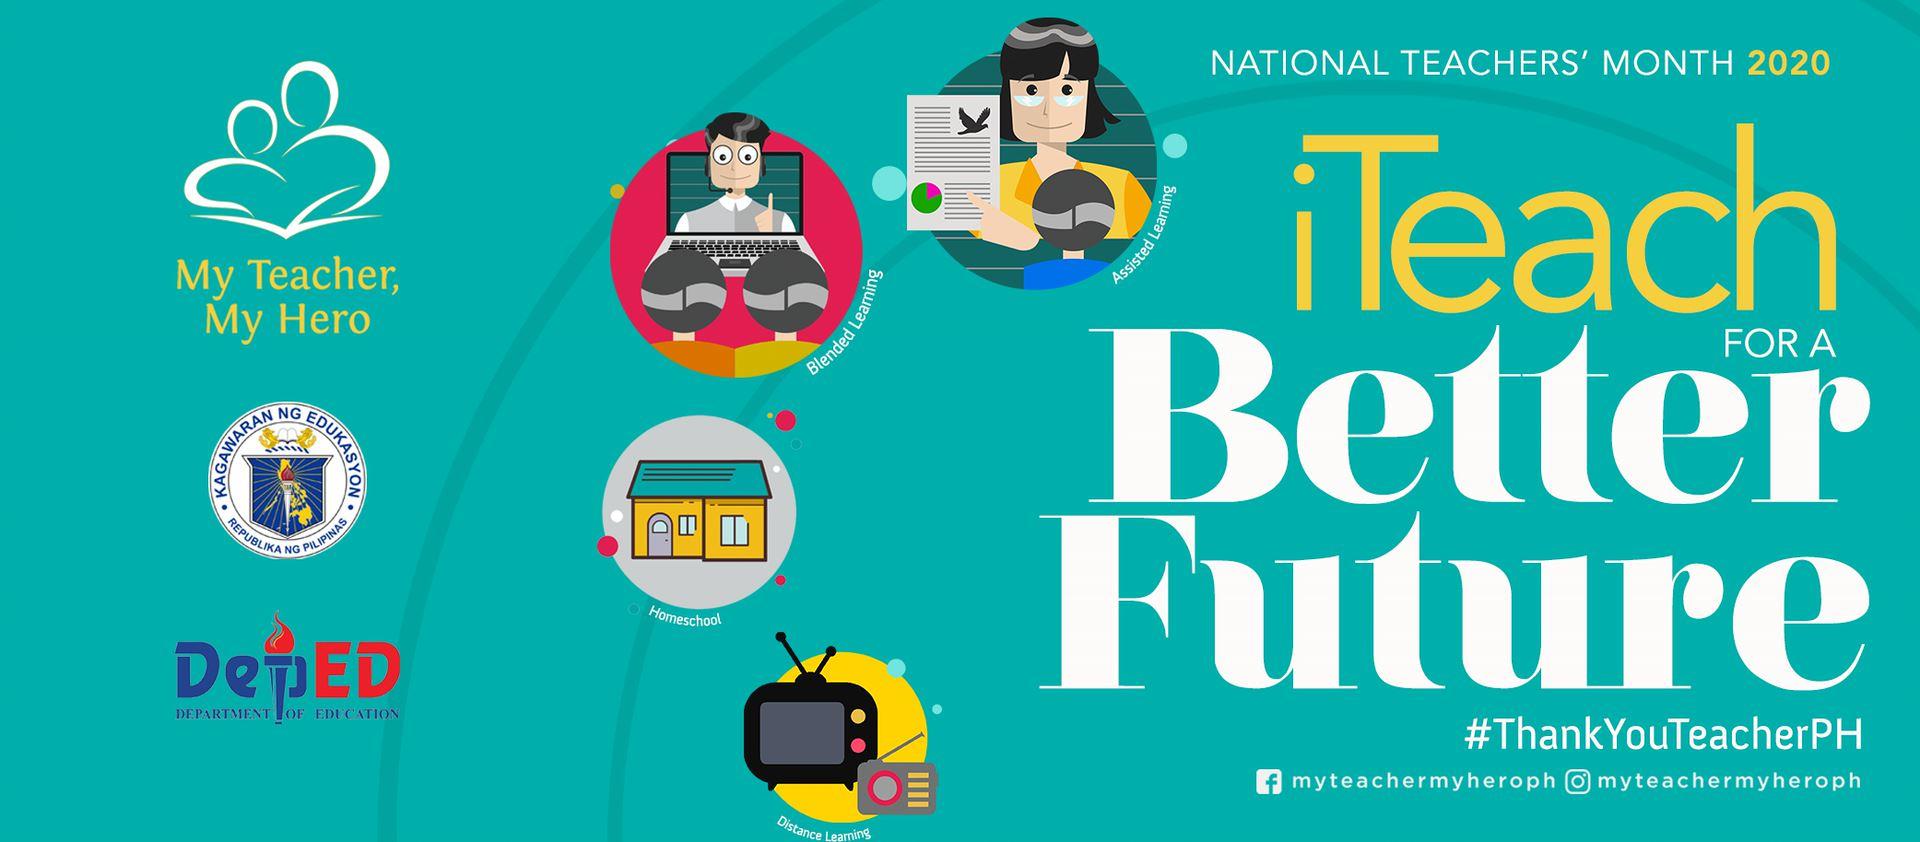 National Teachers' Month 2020